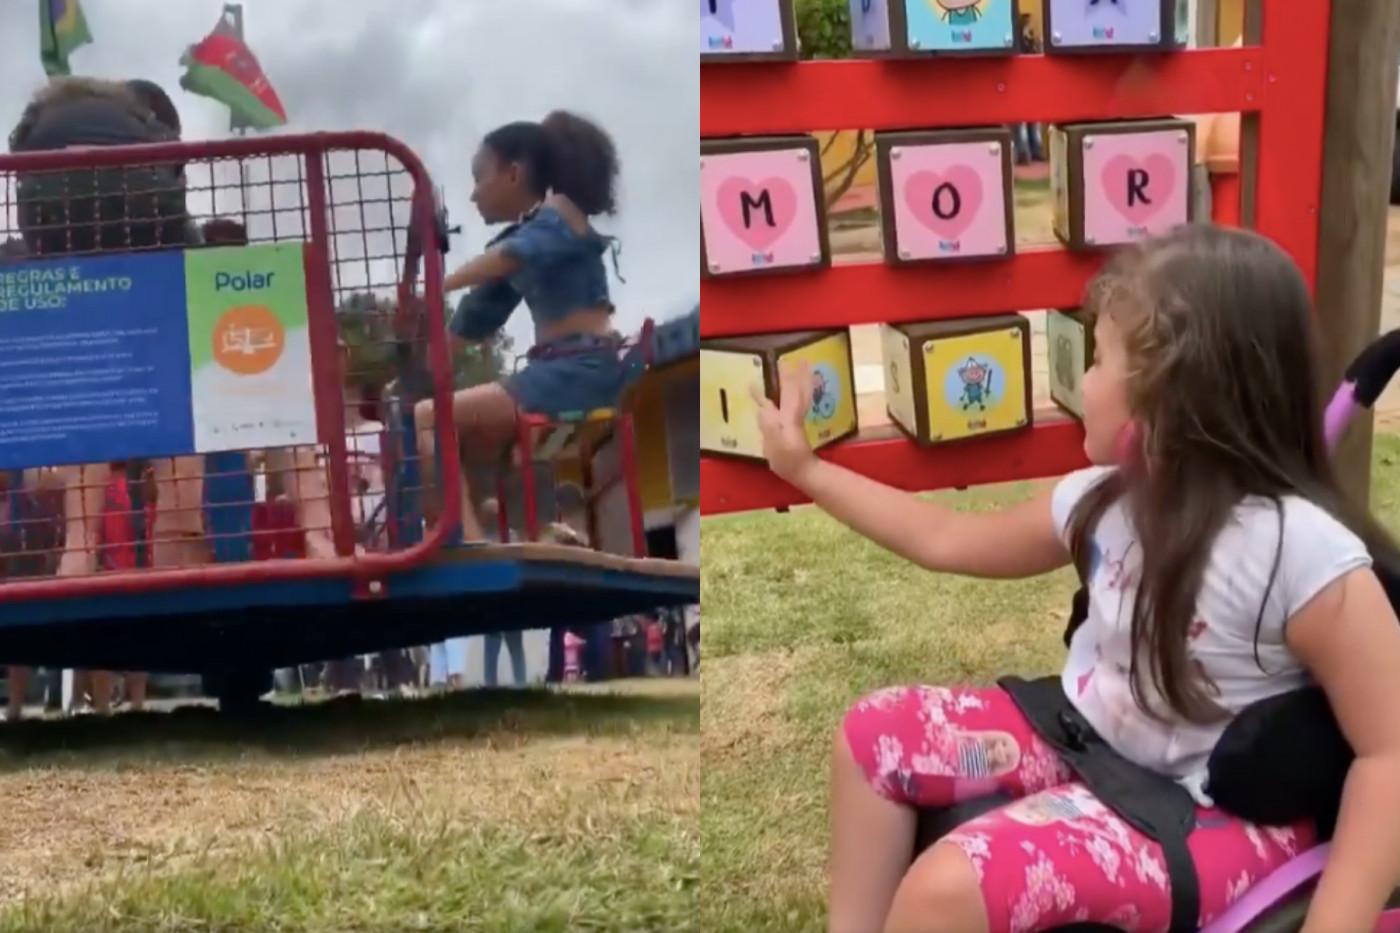 Crianças brincando em parque interativo em Ipatinga, Minas Gerais